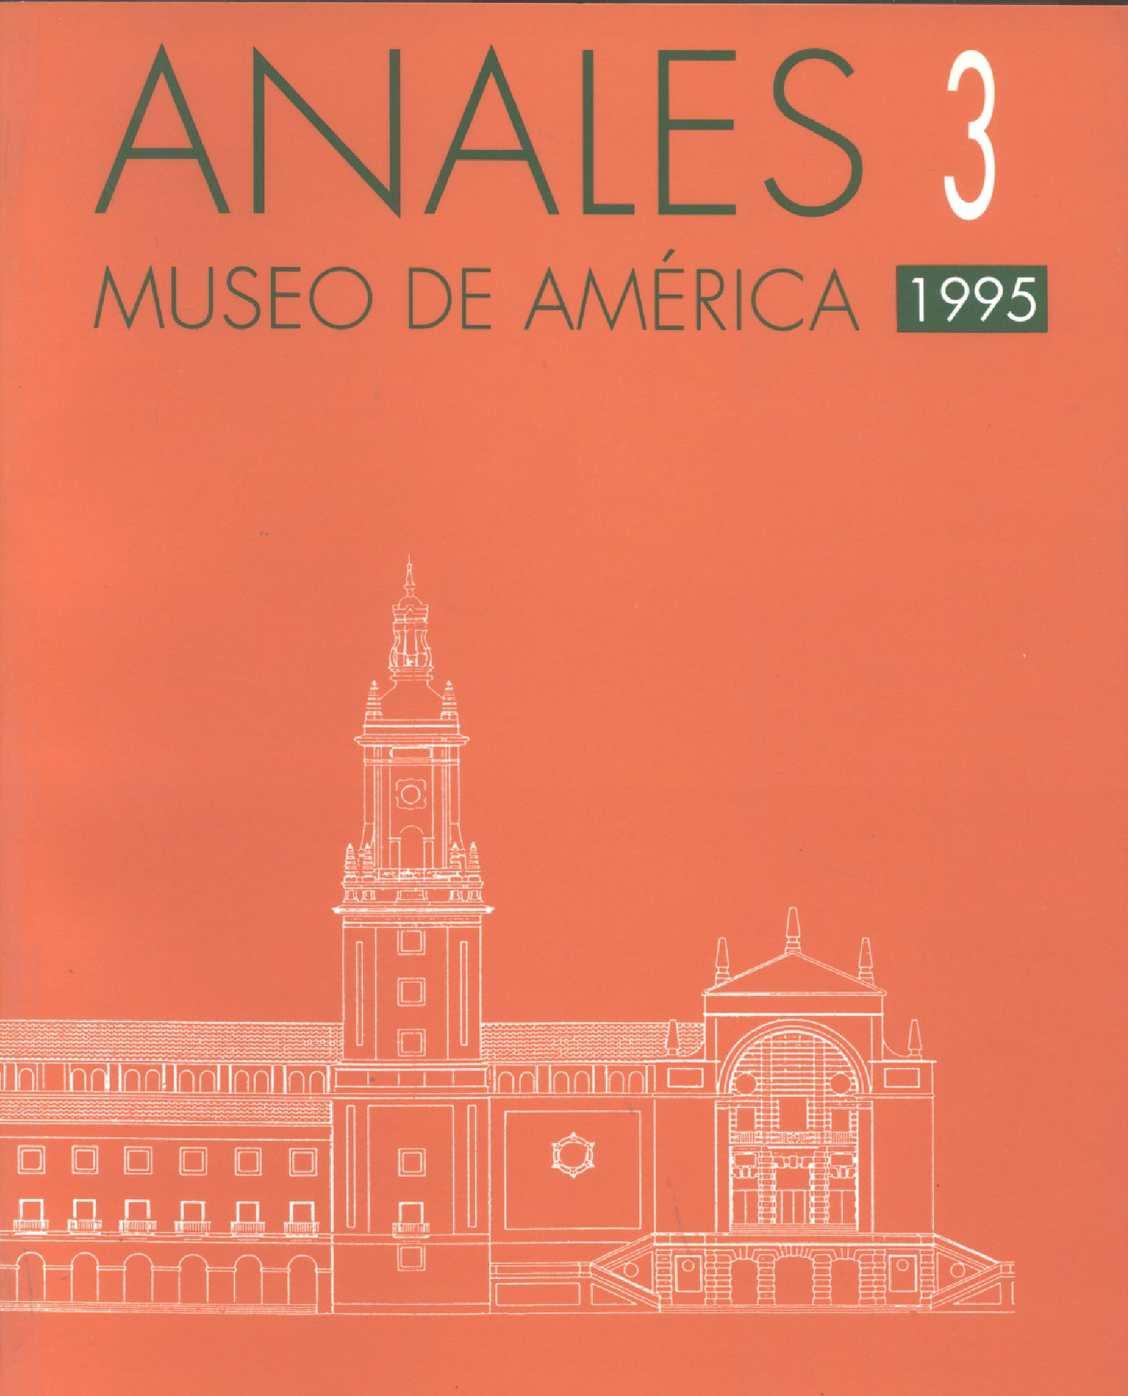 Calaméo - Anales del Museo de América 3 (1995)